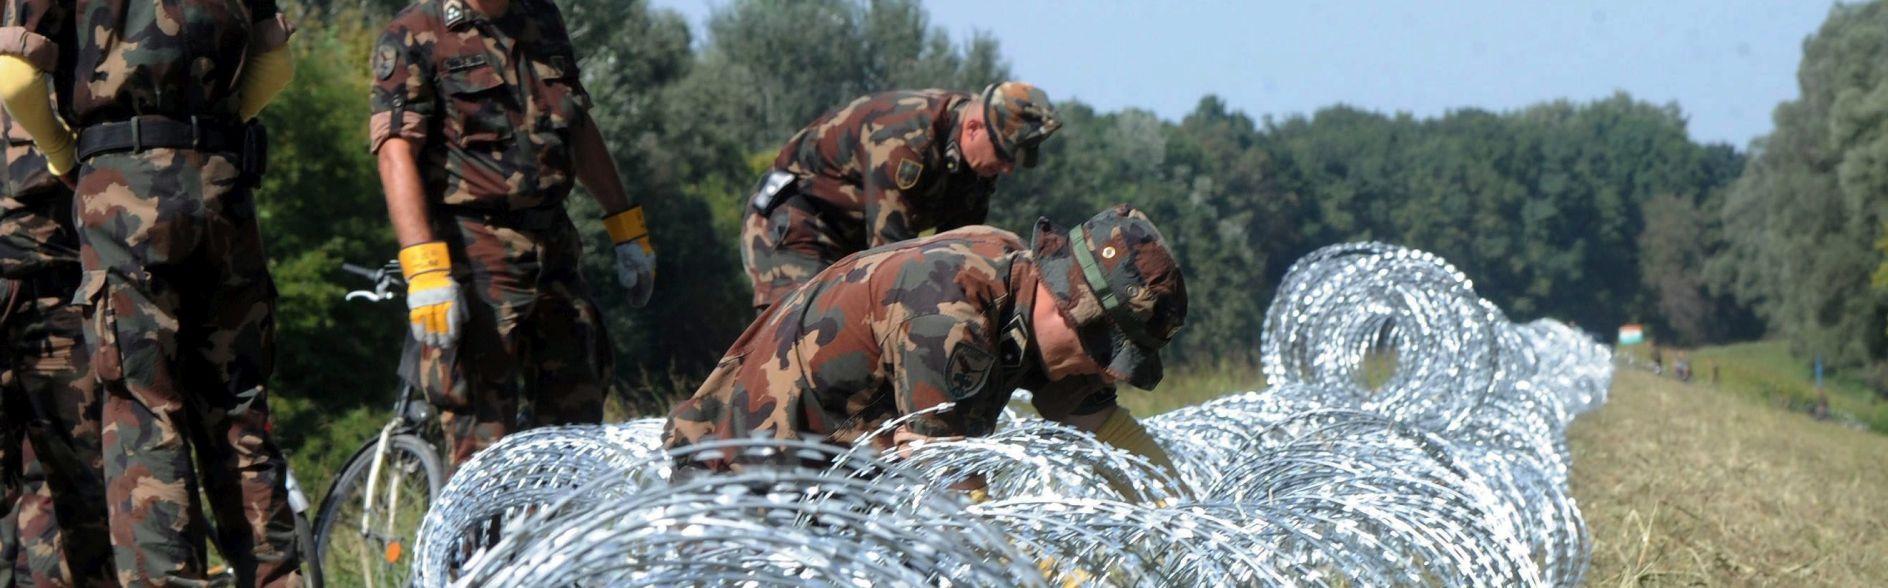 POOŠTRENE MJERE:Mađarska šalje policijska i vojna pojačanja na granice